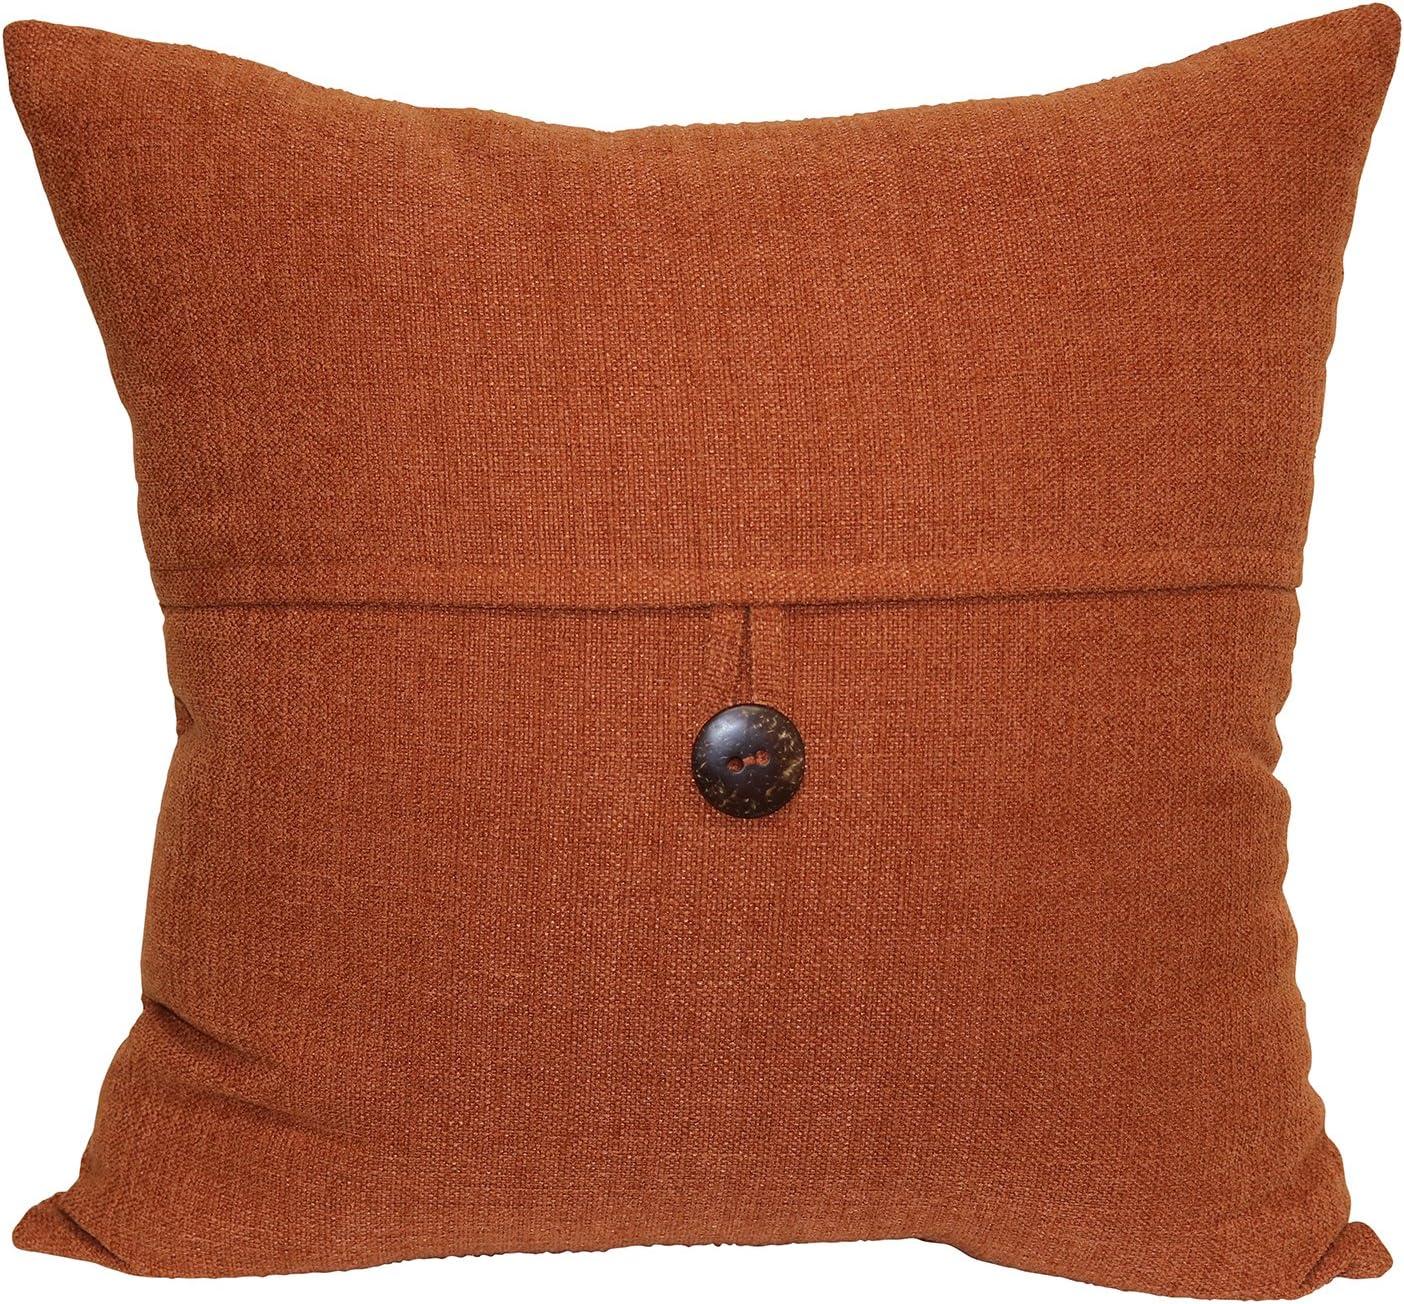 Brentwood Originals Stafford Pillow x 18